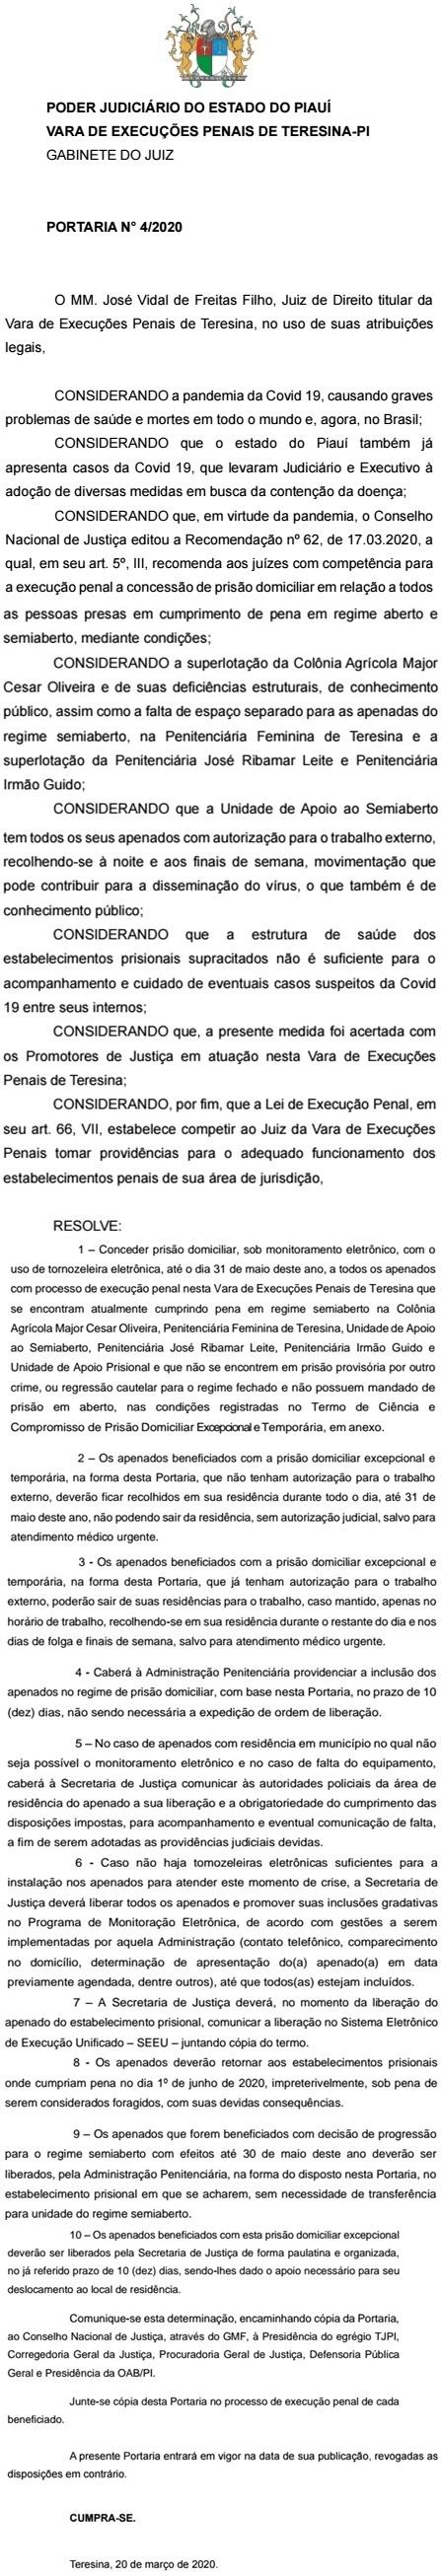 Piauí: 480 presos do regime semiaberto são liberados de penitenciárias para evitar transmissão do coronavírus 2